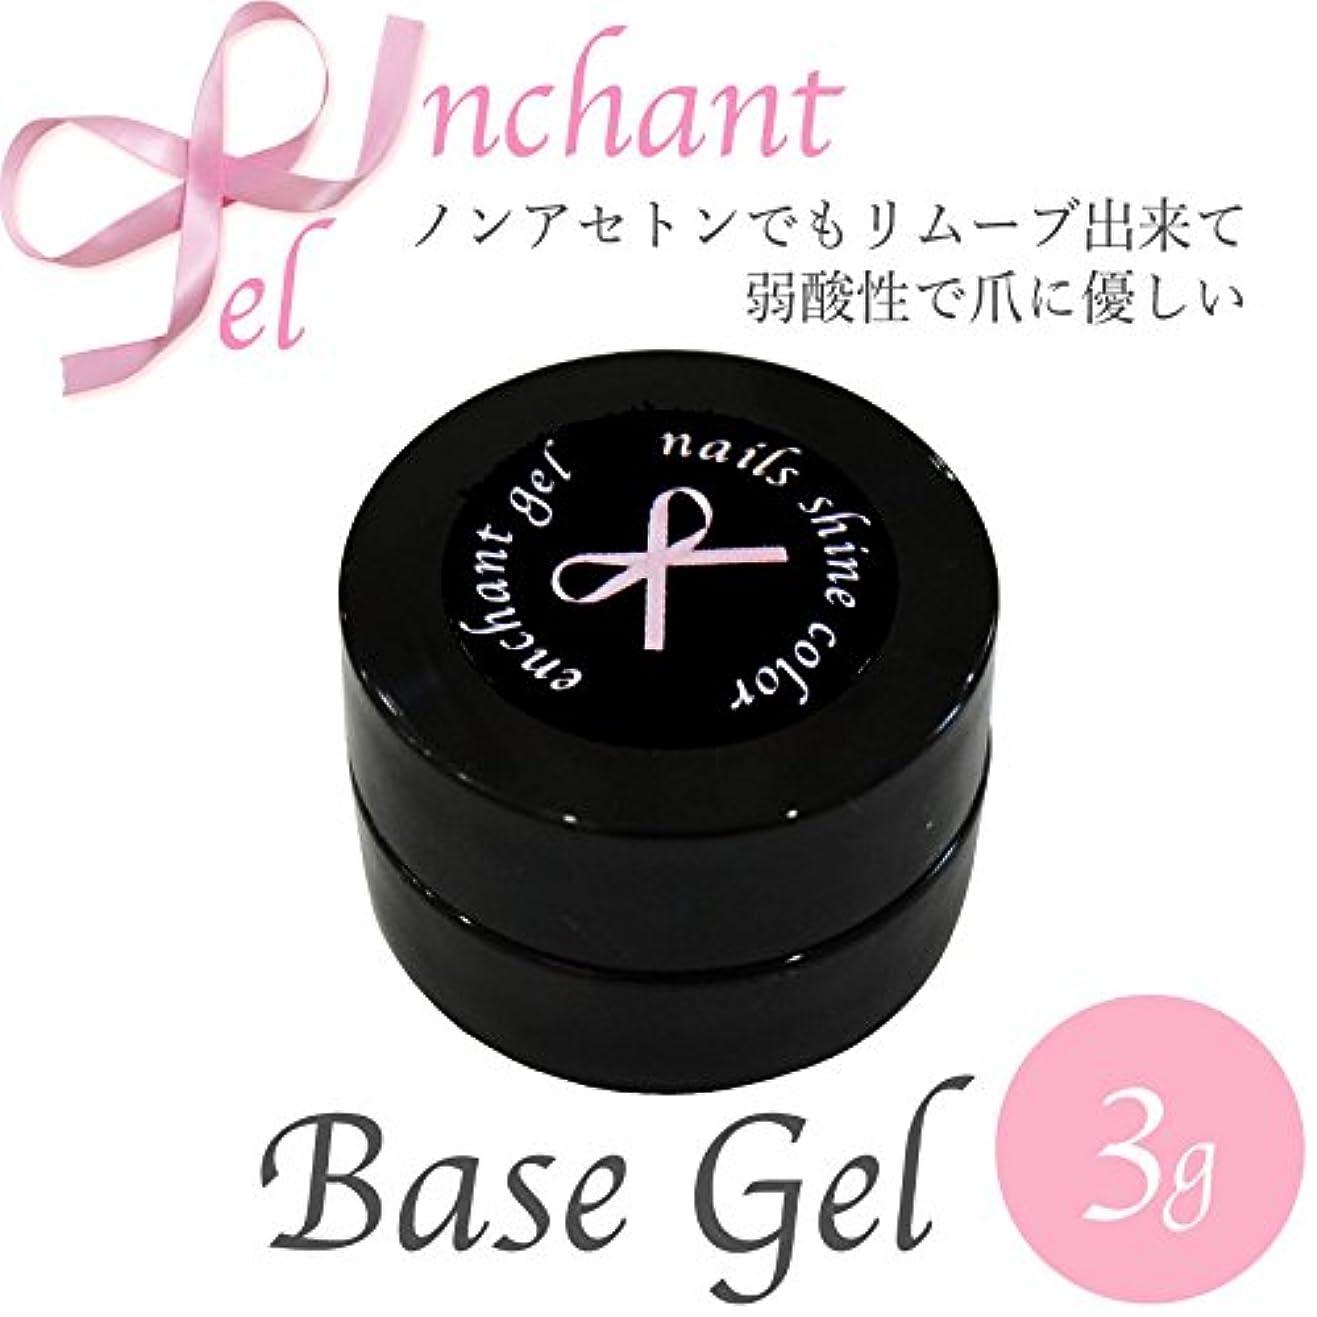 レーダー透過性繁栄するenchant gel clear base gel 3g/エンチャントジェル クリアーベースジェル 3グラム